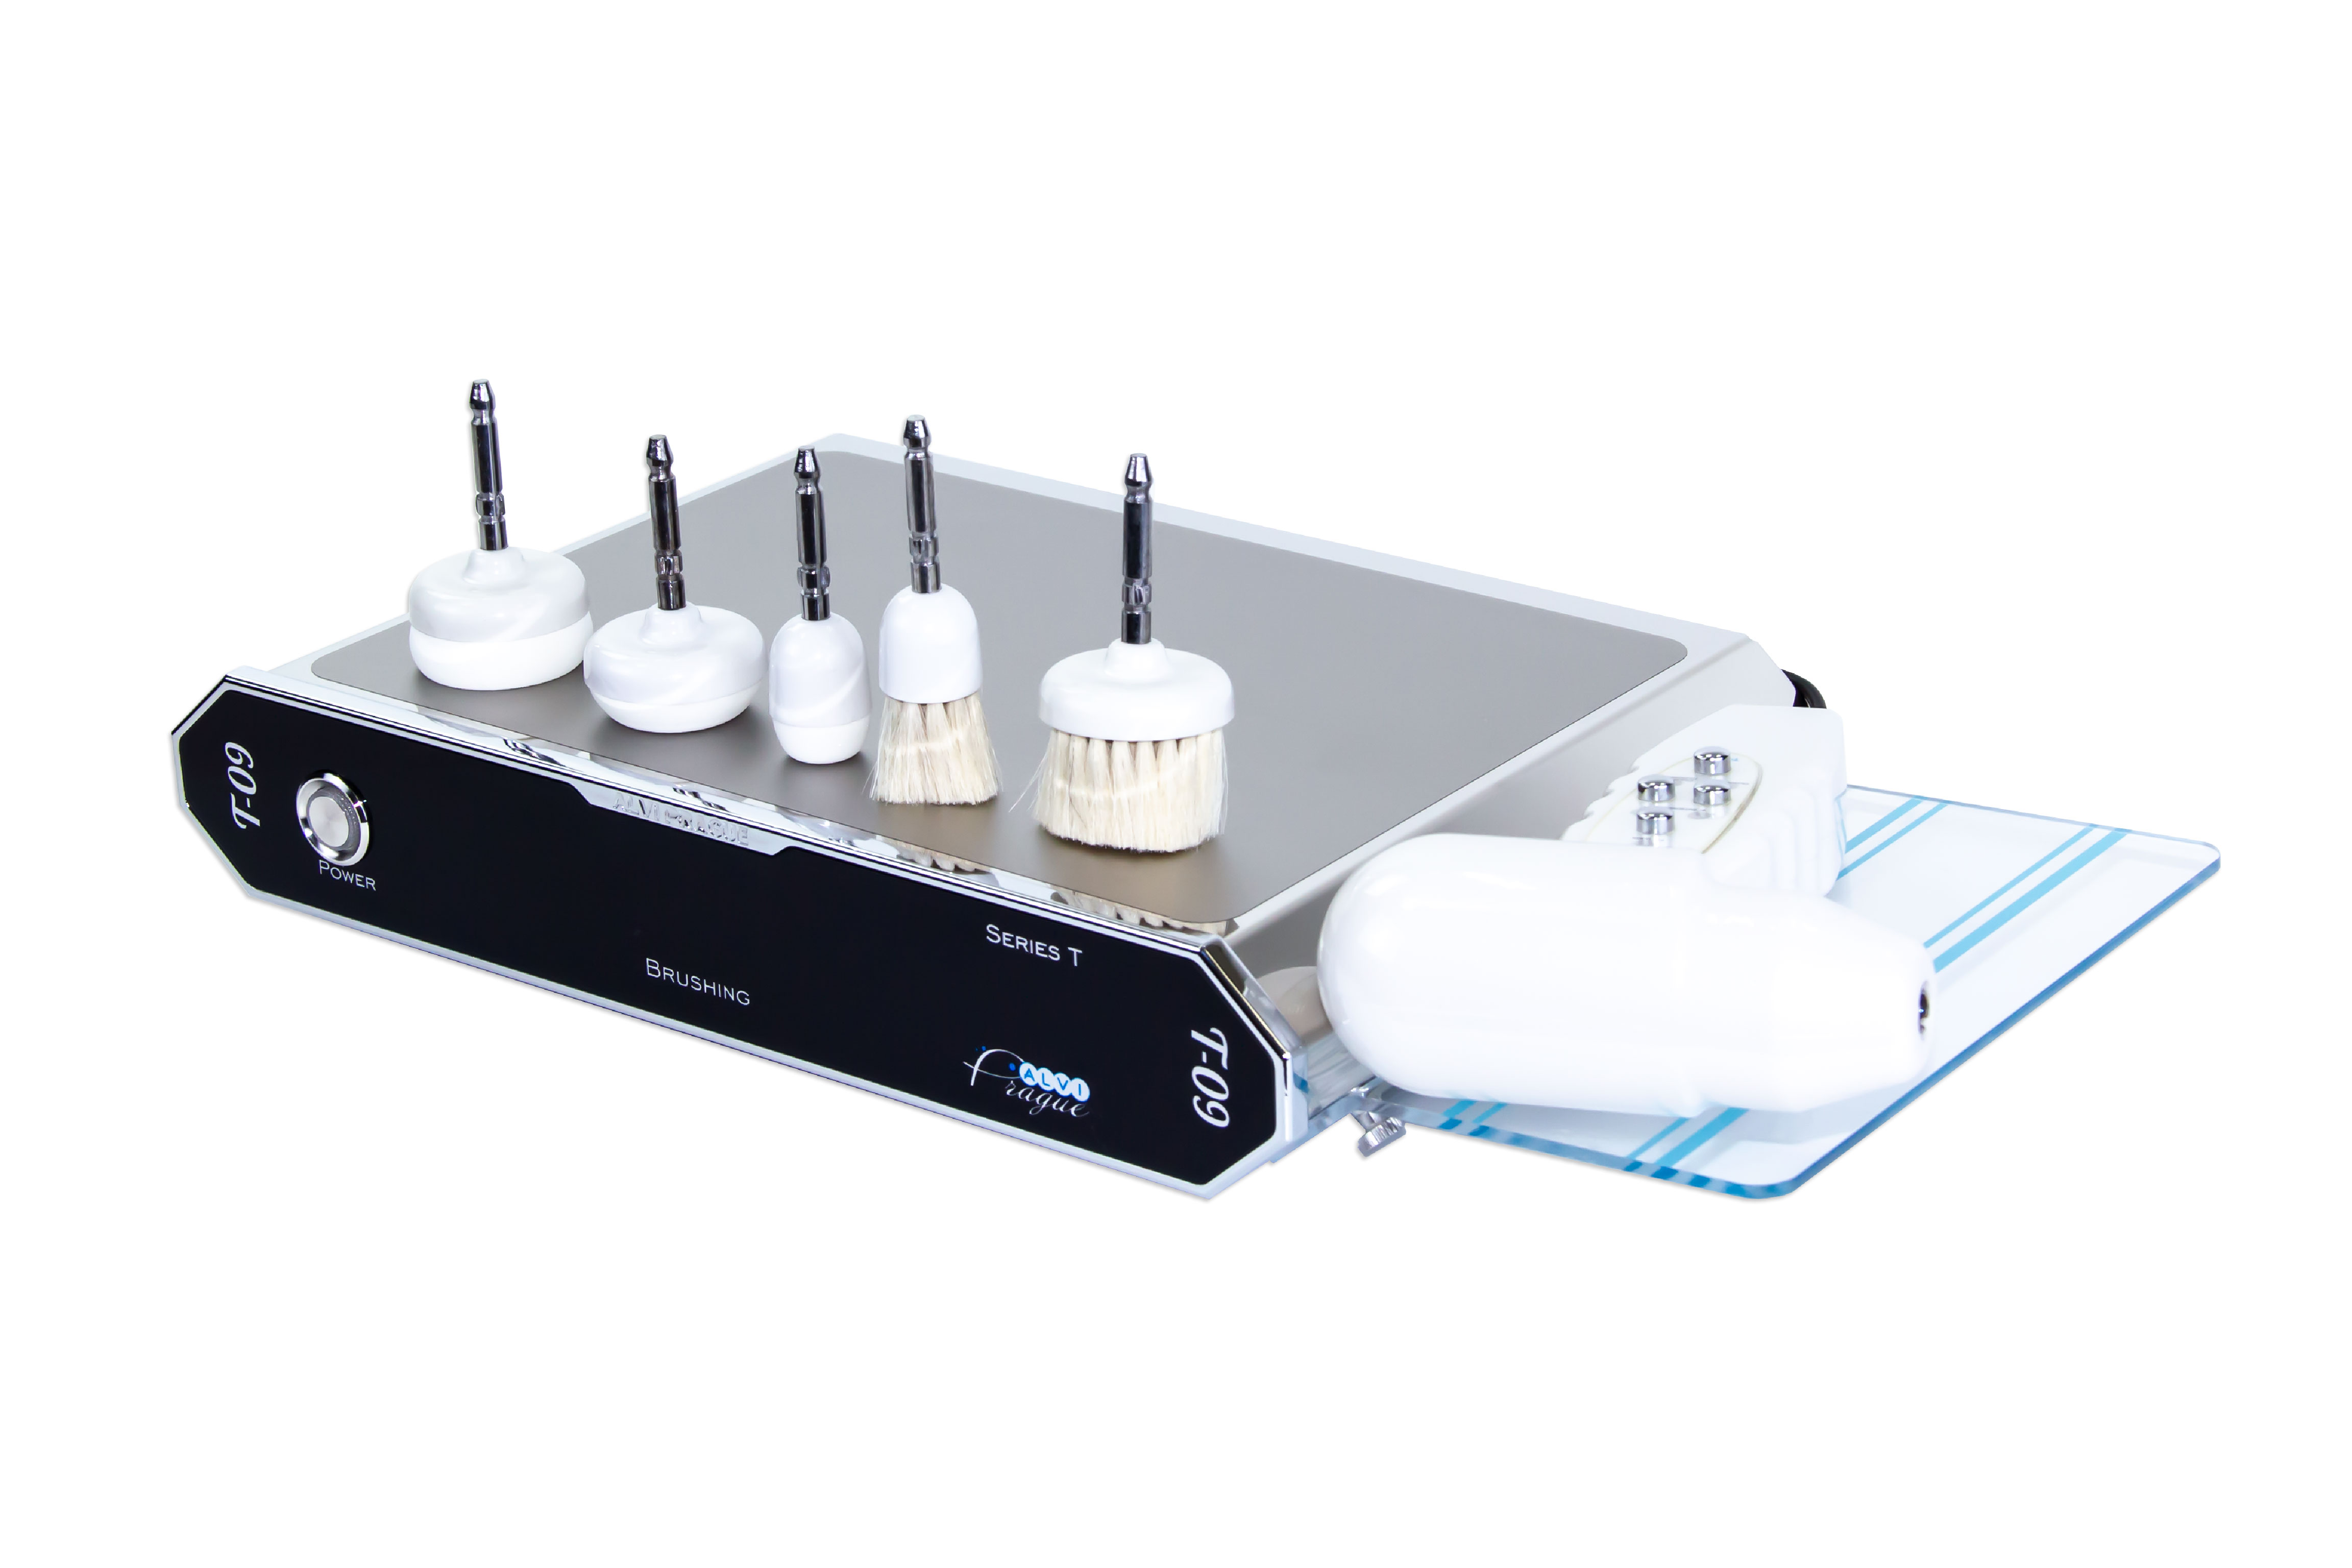 kartáč čištění pleti t-09 kosmetické přístroje kartáč čištění pleti t-09 monofunkční kosmetické přístroje